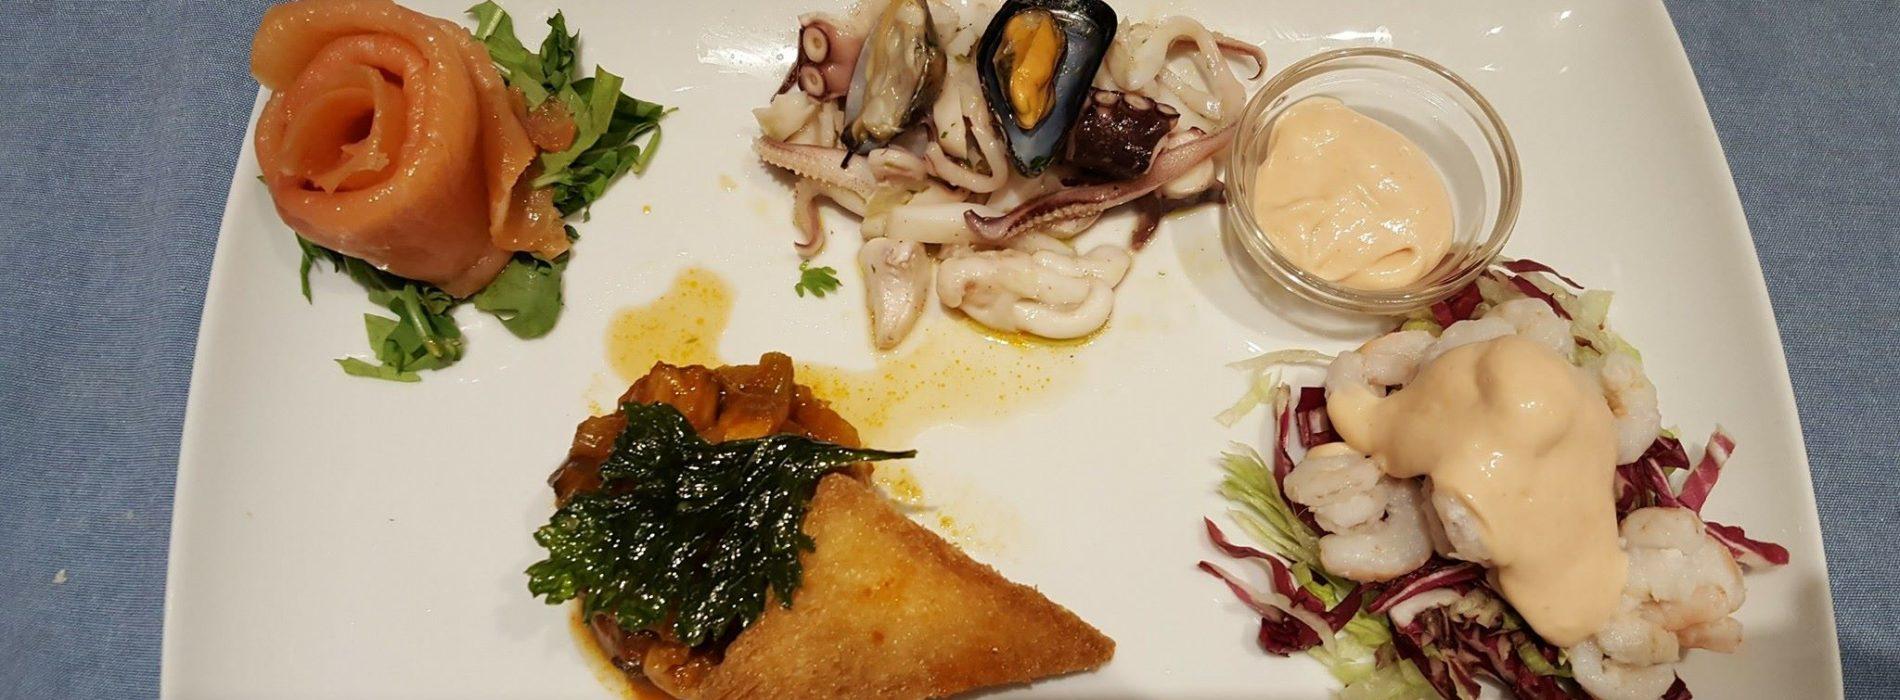 Ristoranti sul mare Palermo, i migliori indirizzi per atmosfera, vista mozzafiato e cucina